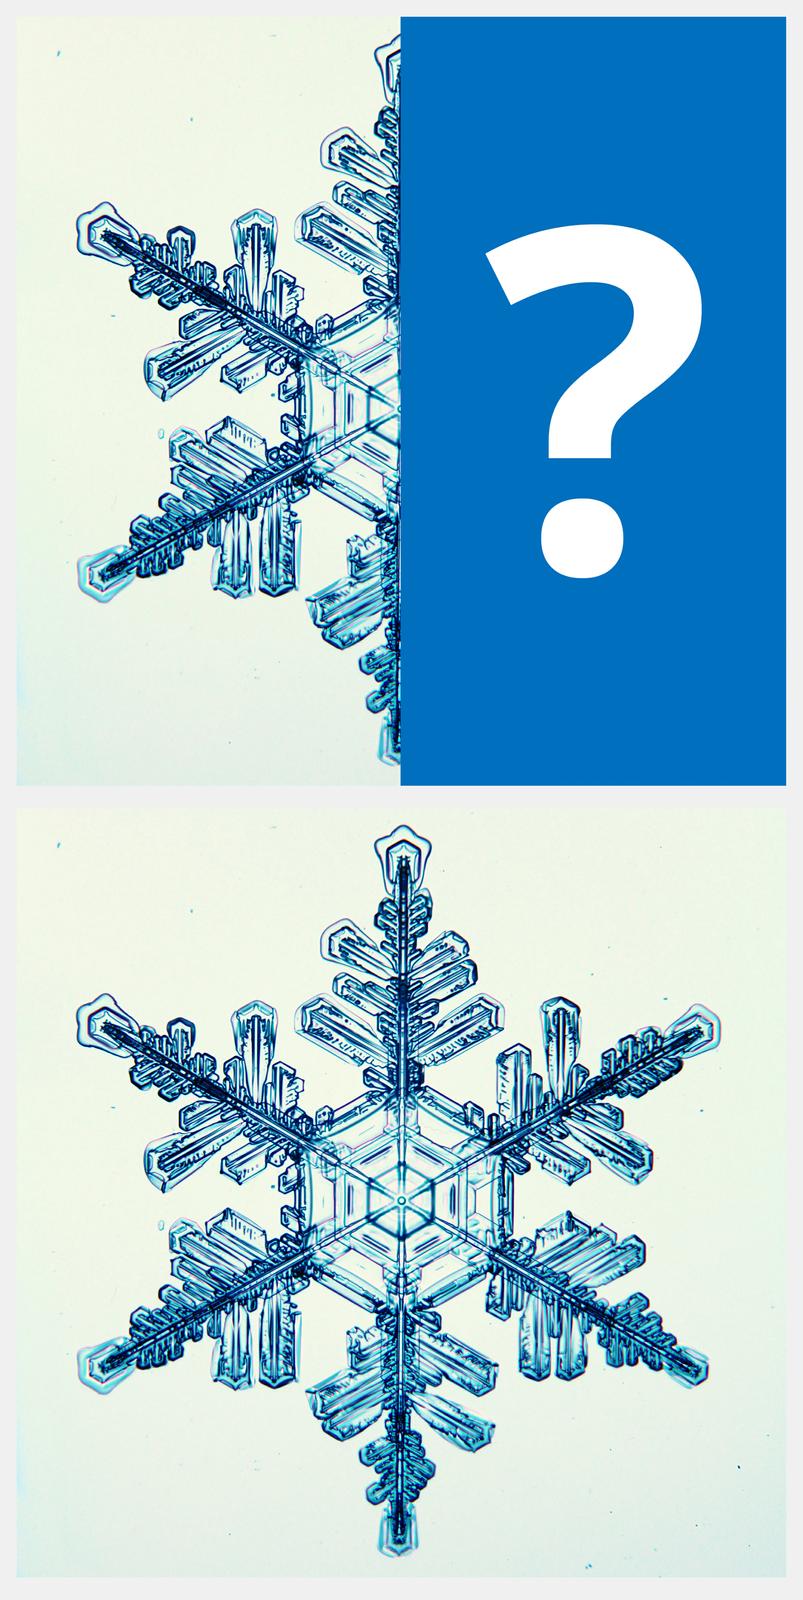 Ilustracja interaktywna jest podzielona na dwie części. Przedstawia połowę niebieskiego płatka śniegu, składającego się ze słupków lodu. Drugą część zajmuje niebieski prostokąt ze znakiem zapytania. Po odwróceniu ilustracji ukazany jest cały płatek osymetrycznym układzie, złożony zsześciu ramion.